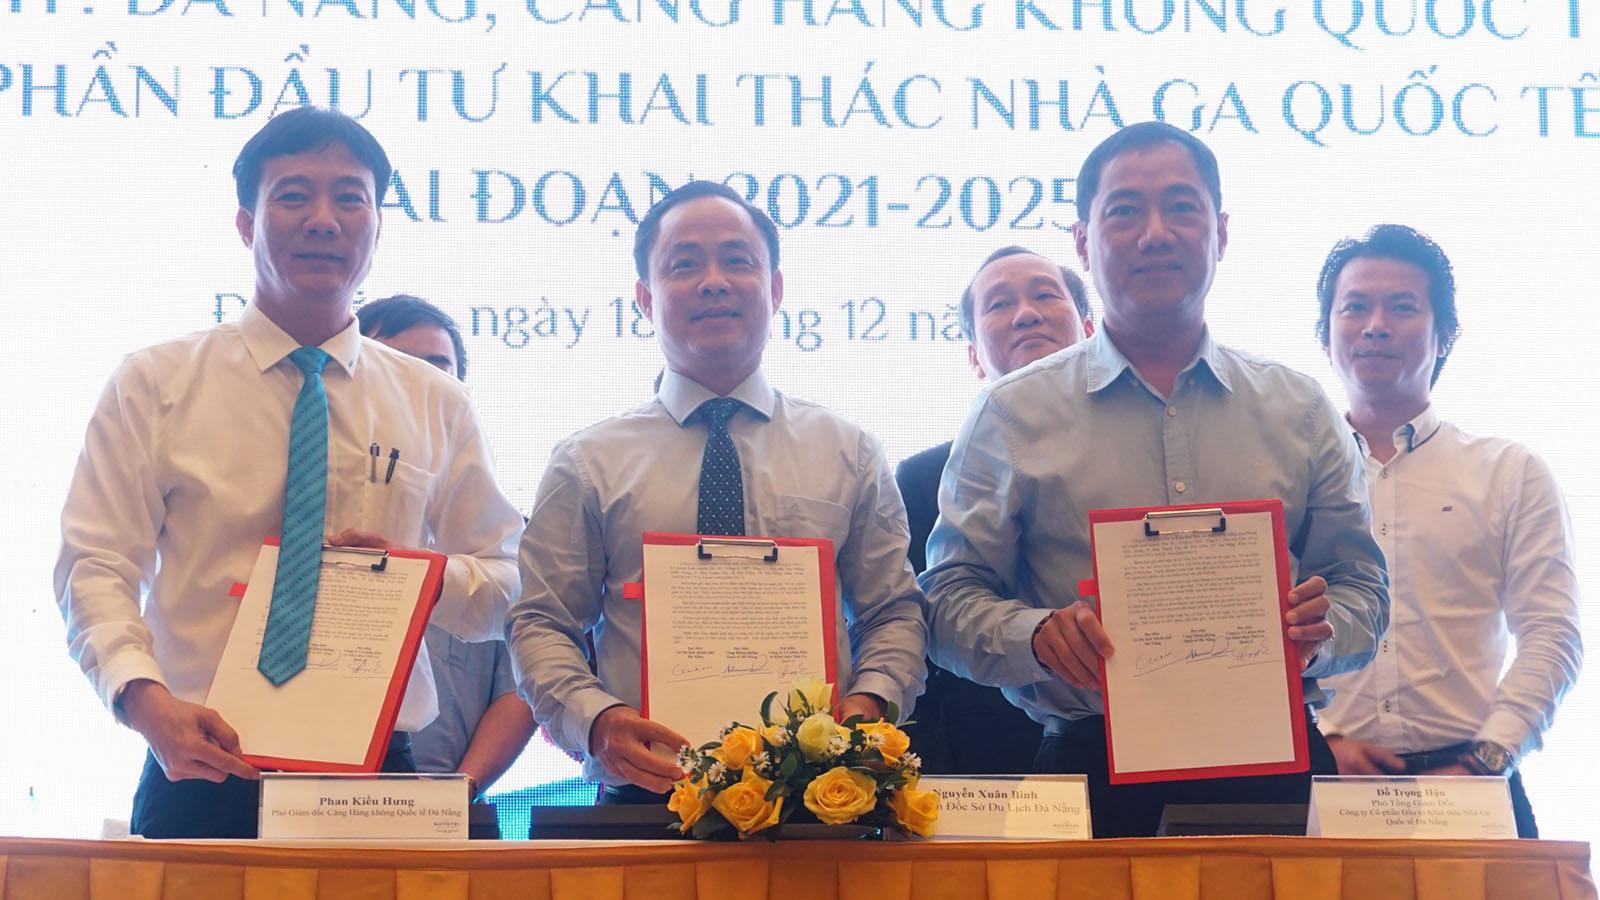 So Du Lich Tp Da Nang Cang Hang Khong Quoc Te Da Nang Cong Ty Co Phan Dau Tu Khai Thac Nha Ga Quoc Te Da Nang Day Manh Hop Tac Giai Doan 2021 2025